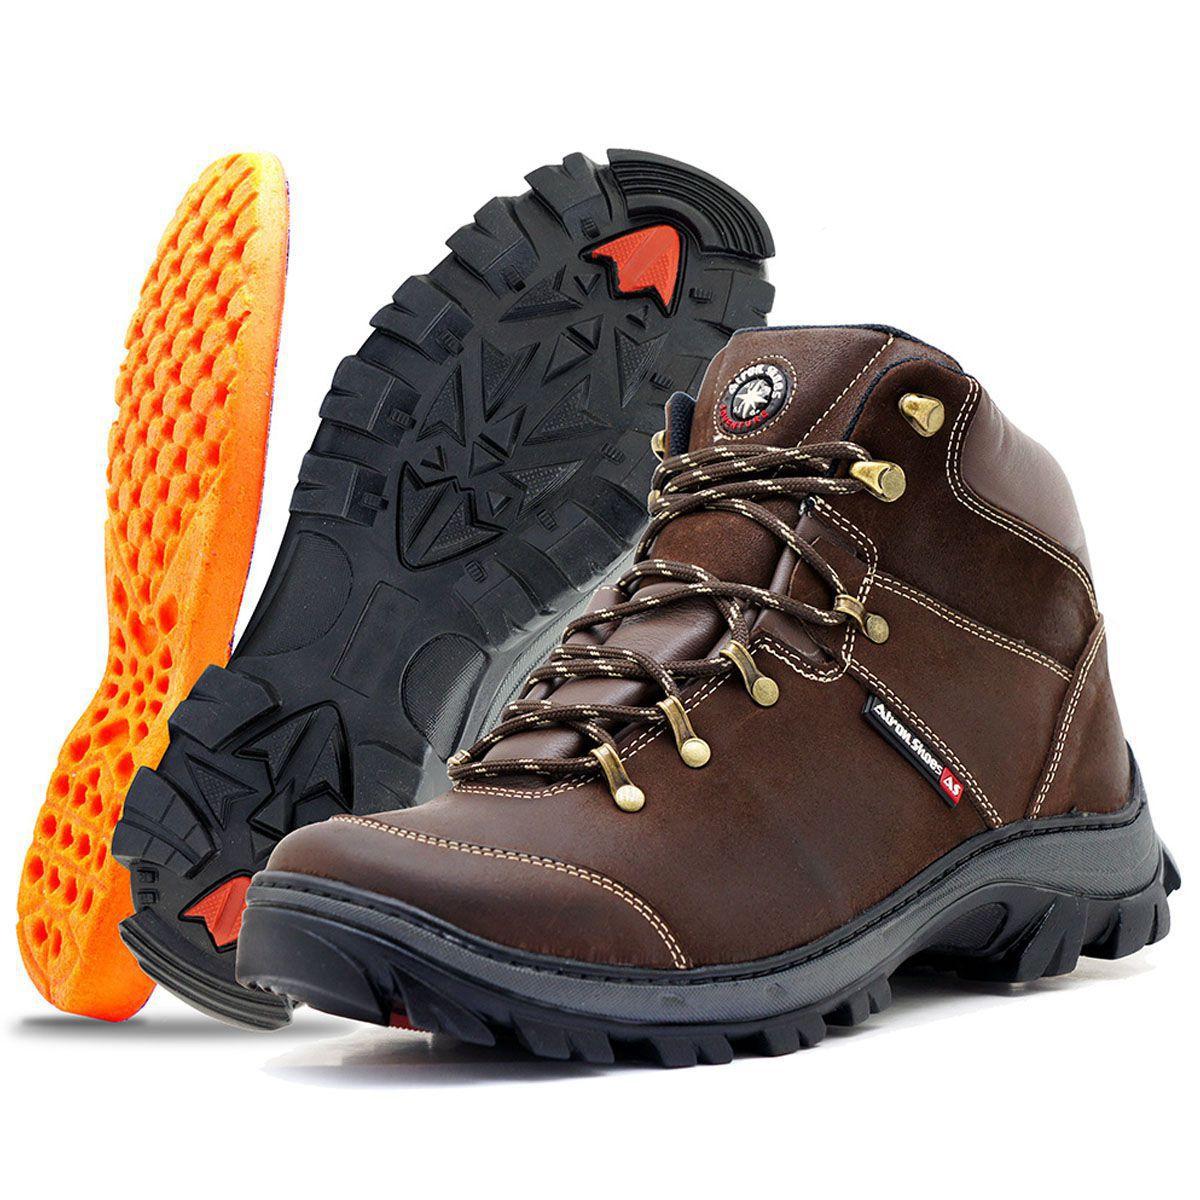 5003dda723b Tênis adventure em couro legítimo ideal para trilha 259 Café